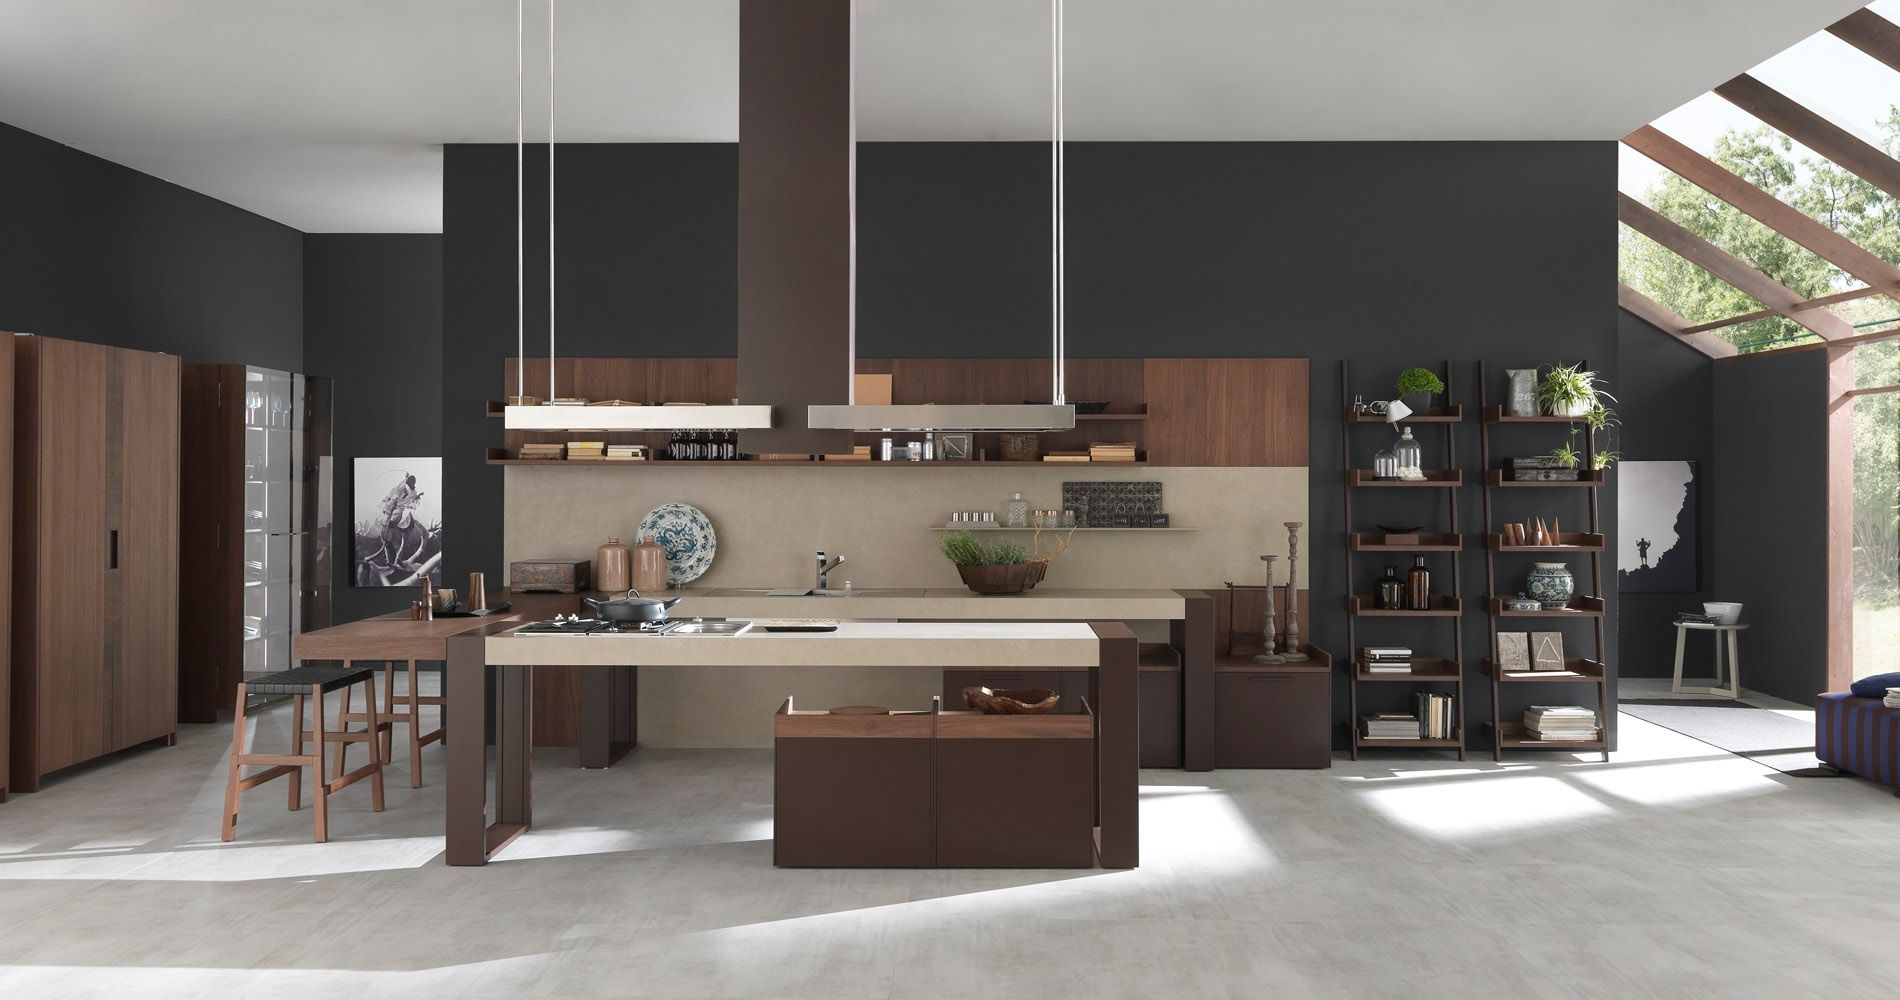 Modern european kitchen pictures sodakaustica